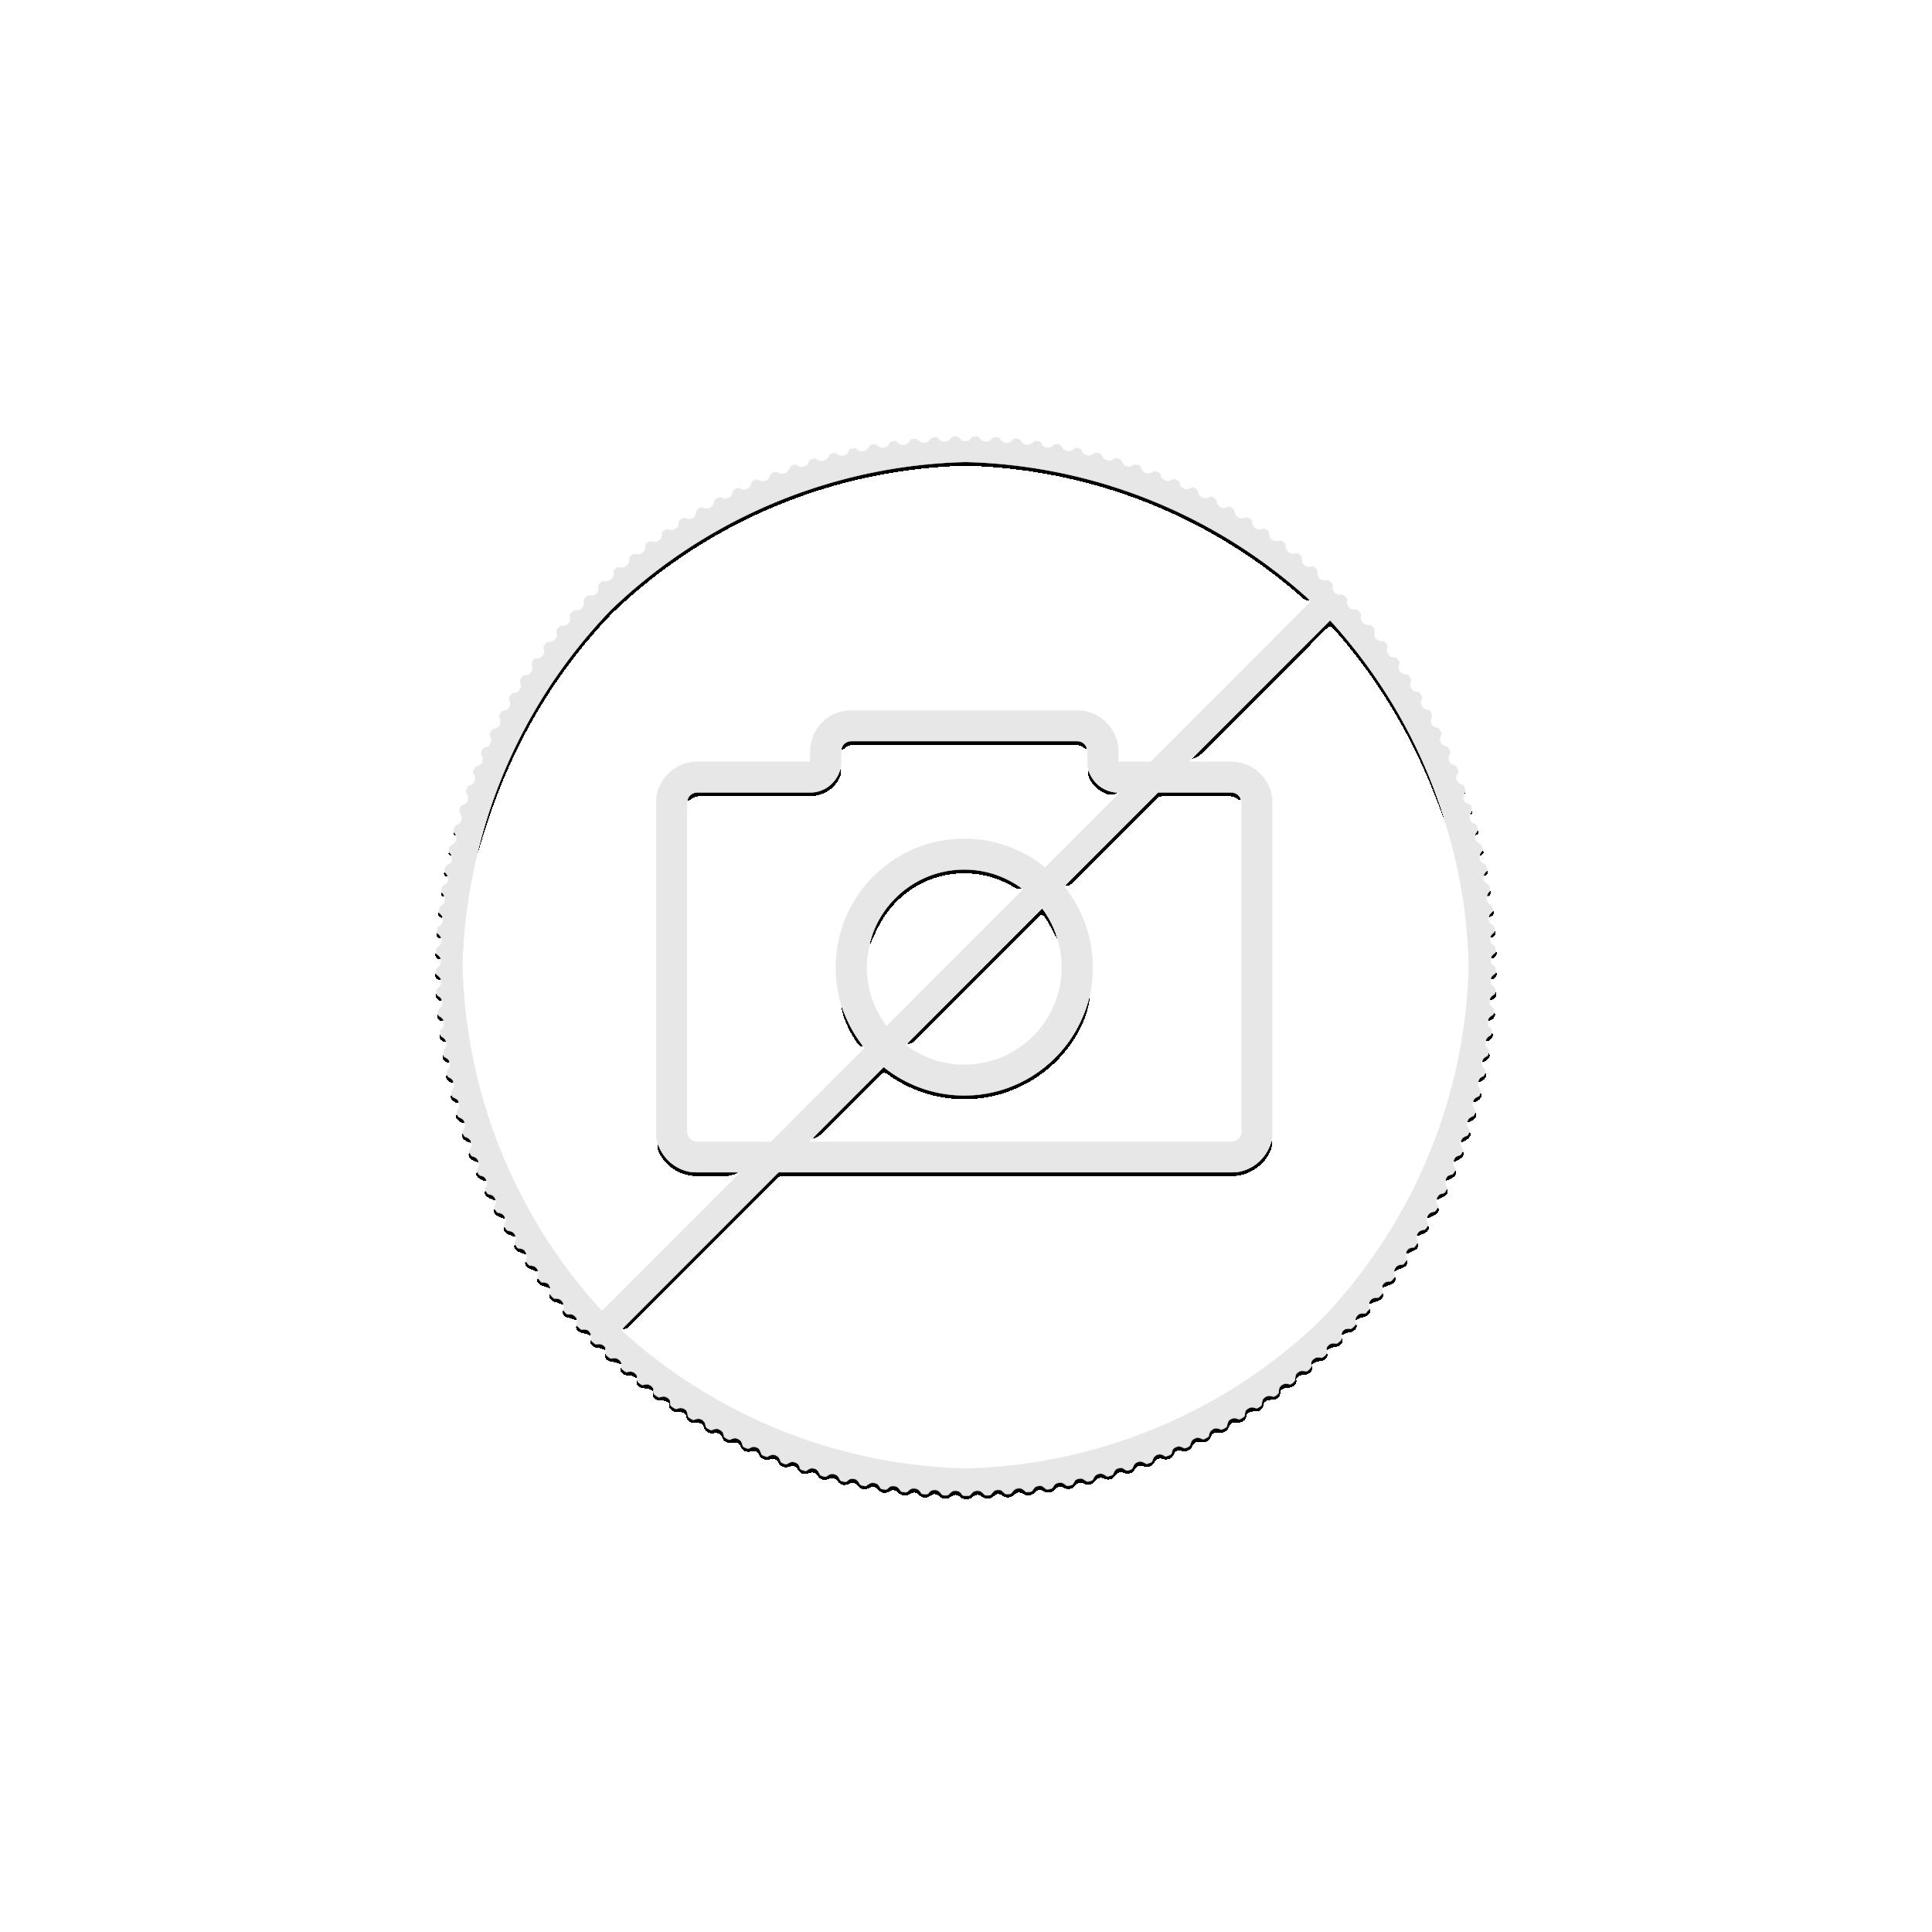 1 troy ounce zilveren munt Lunar 2022